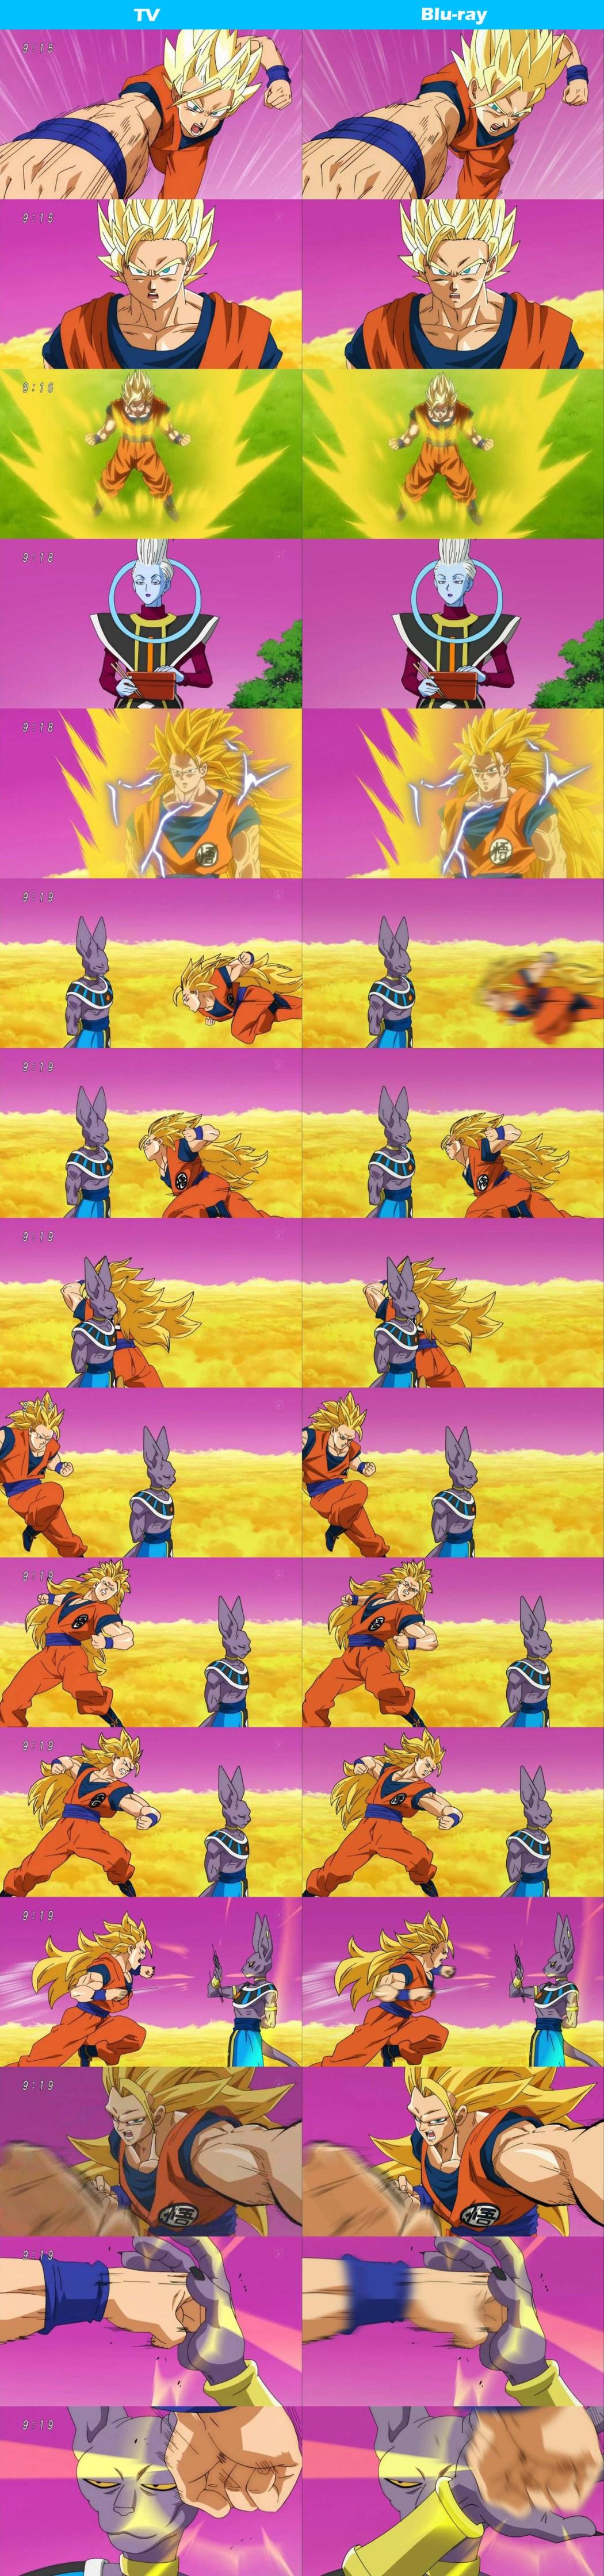 Dragon-Ball-Super-TV-Anime-and-Blu-Ray-Comparison-3